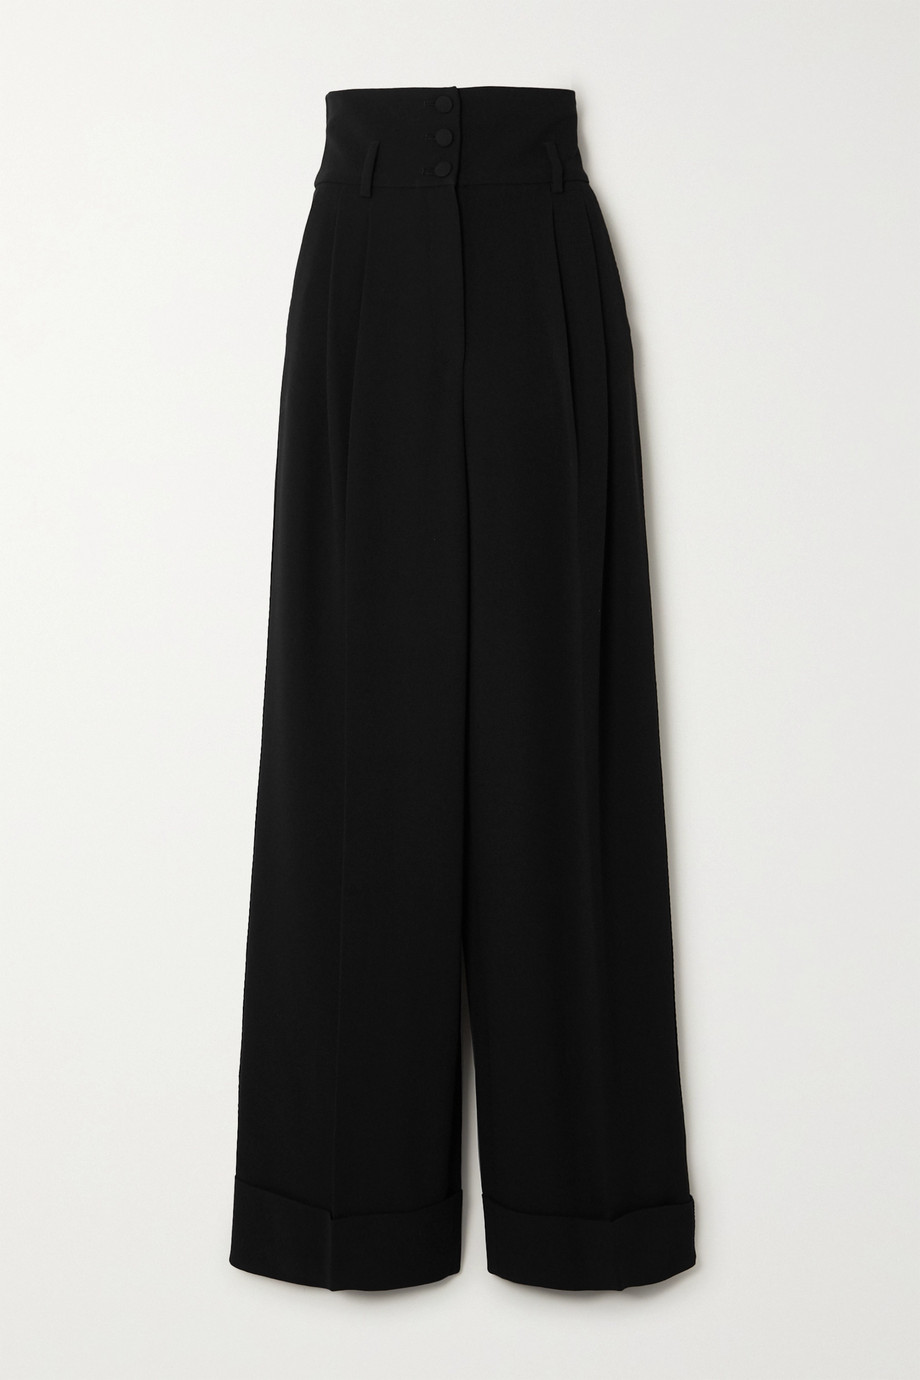 Dolce & Gabbana Pantalon large en cady